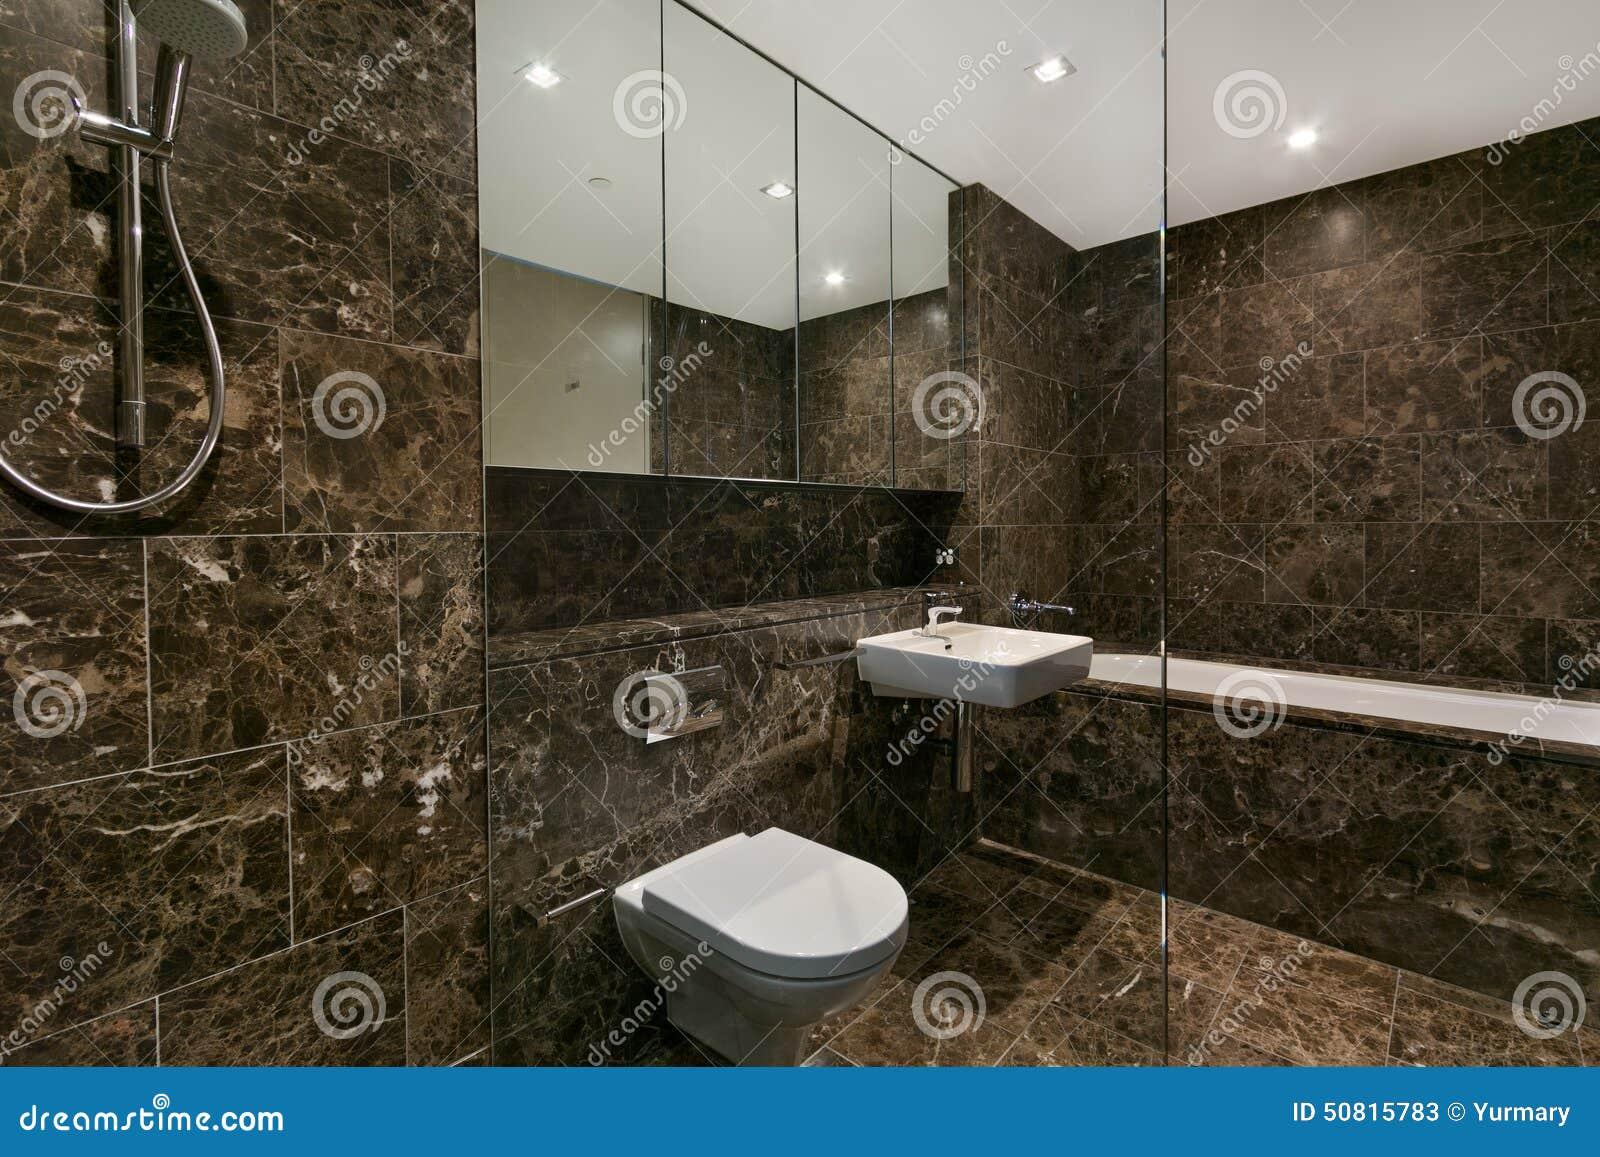 Baño De Lujo Moderno:Cuarto De Baño Moderno En El Apartamento De Lujo Foto de archivo